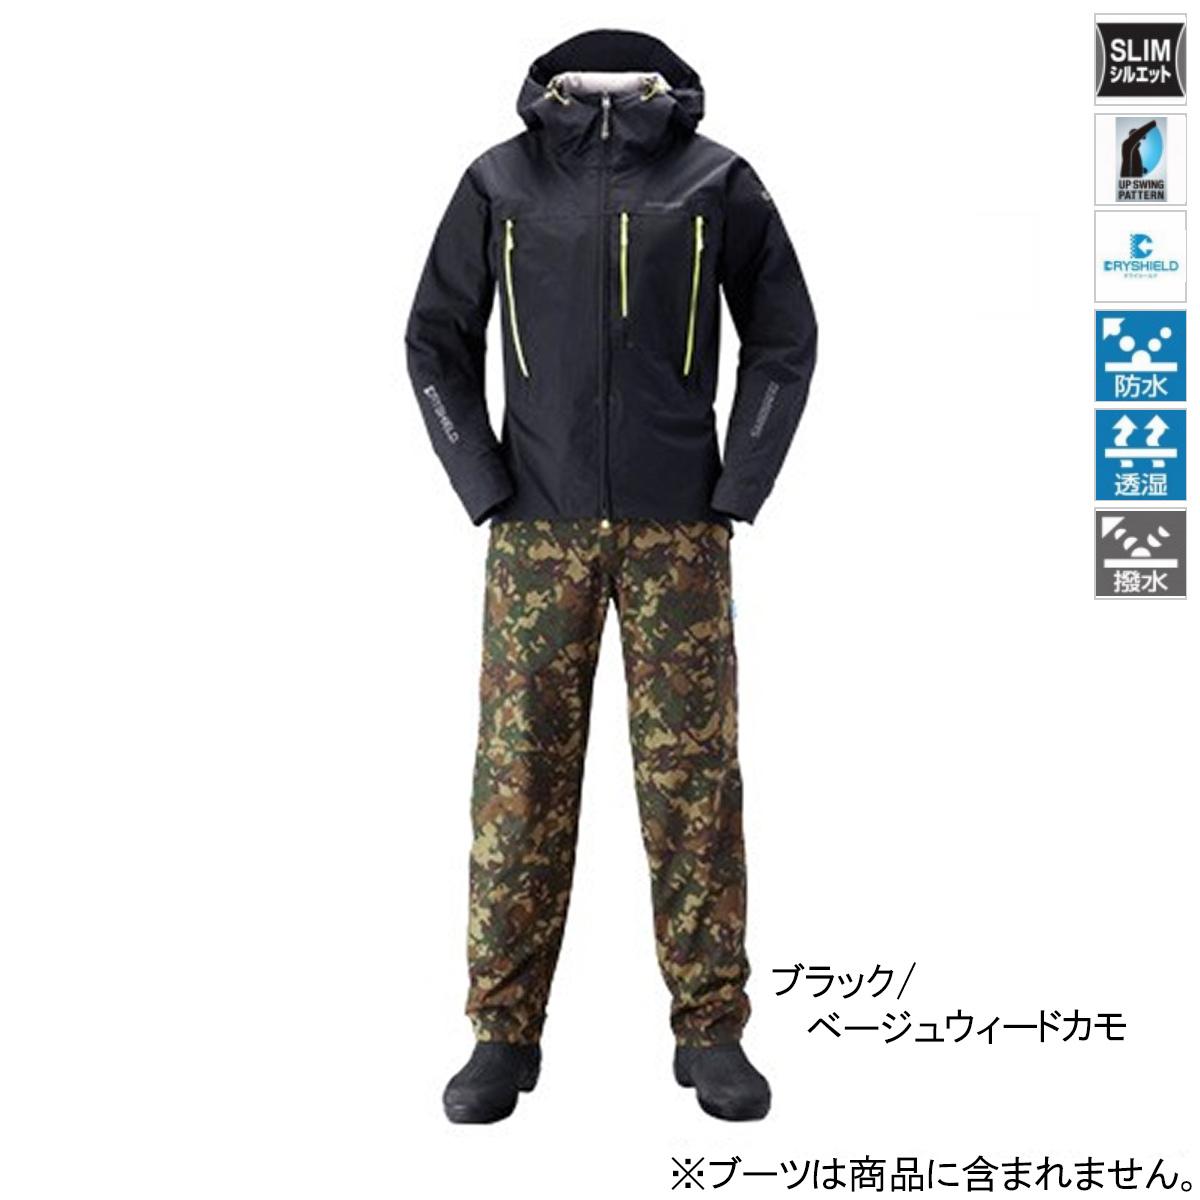 シマノ DSエクスプローラースーツ RA-024S XL ブラック/ベージュウィードカモ(東日本店)